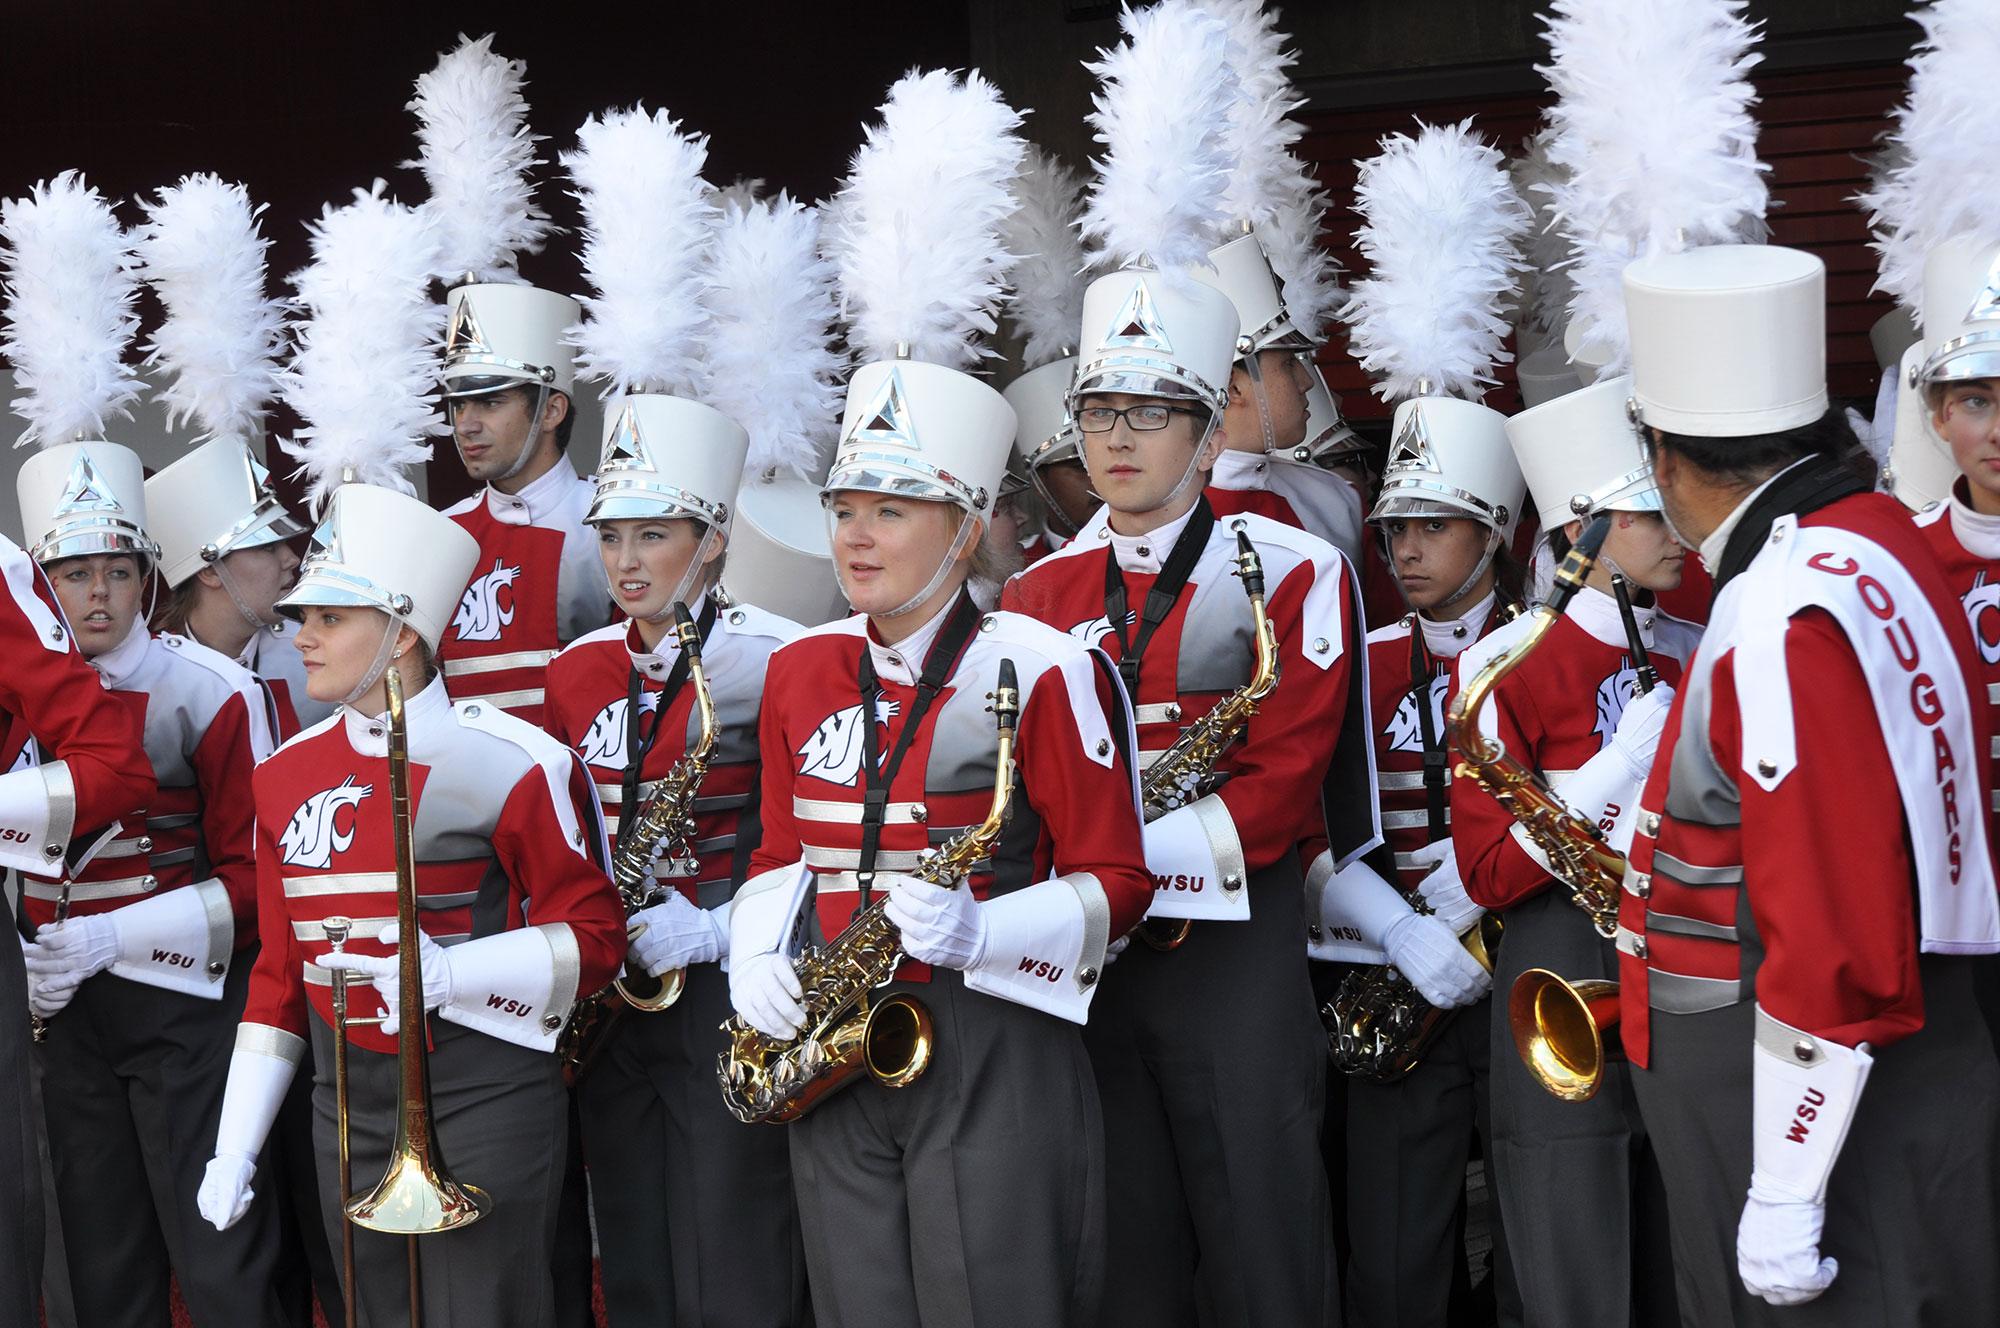 1 Band Wsu News Washington State University